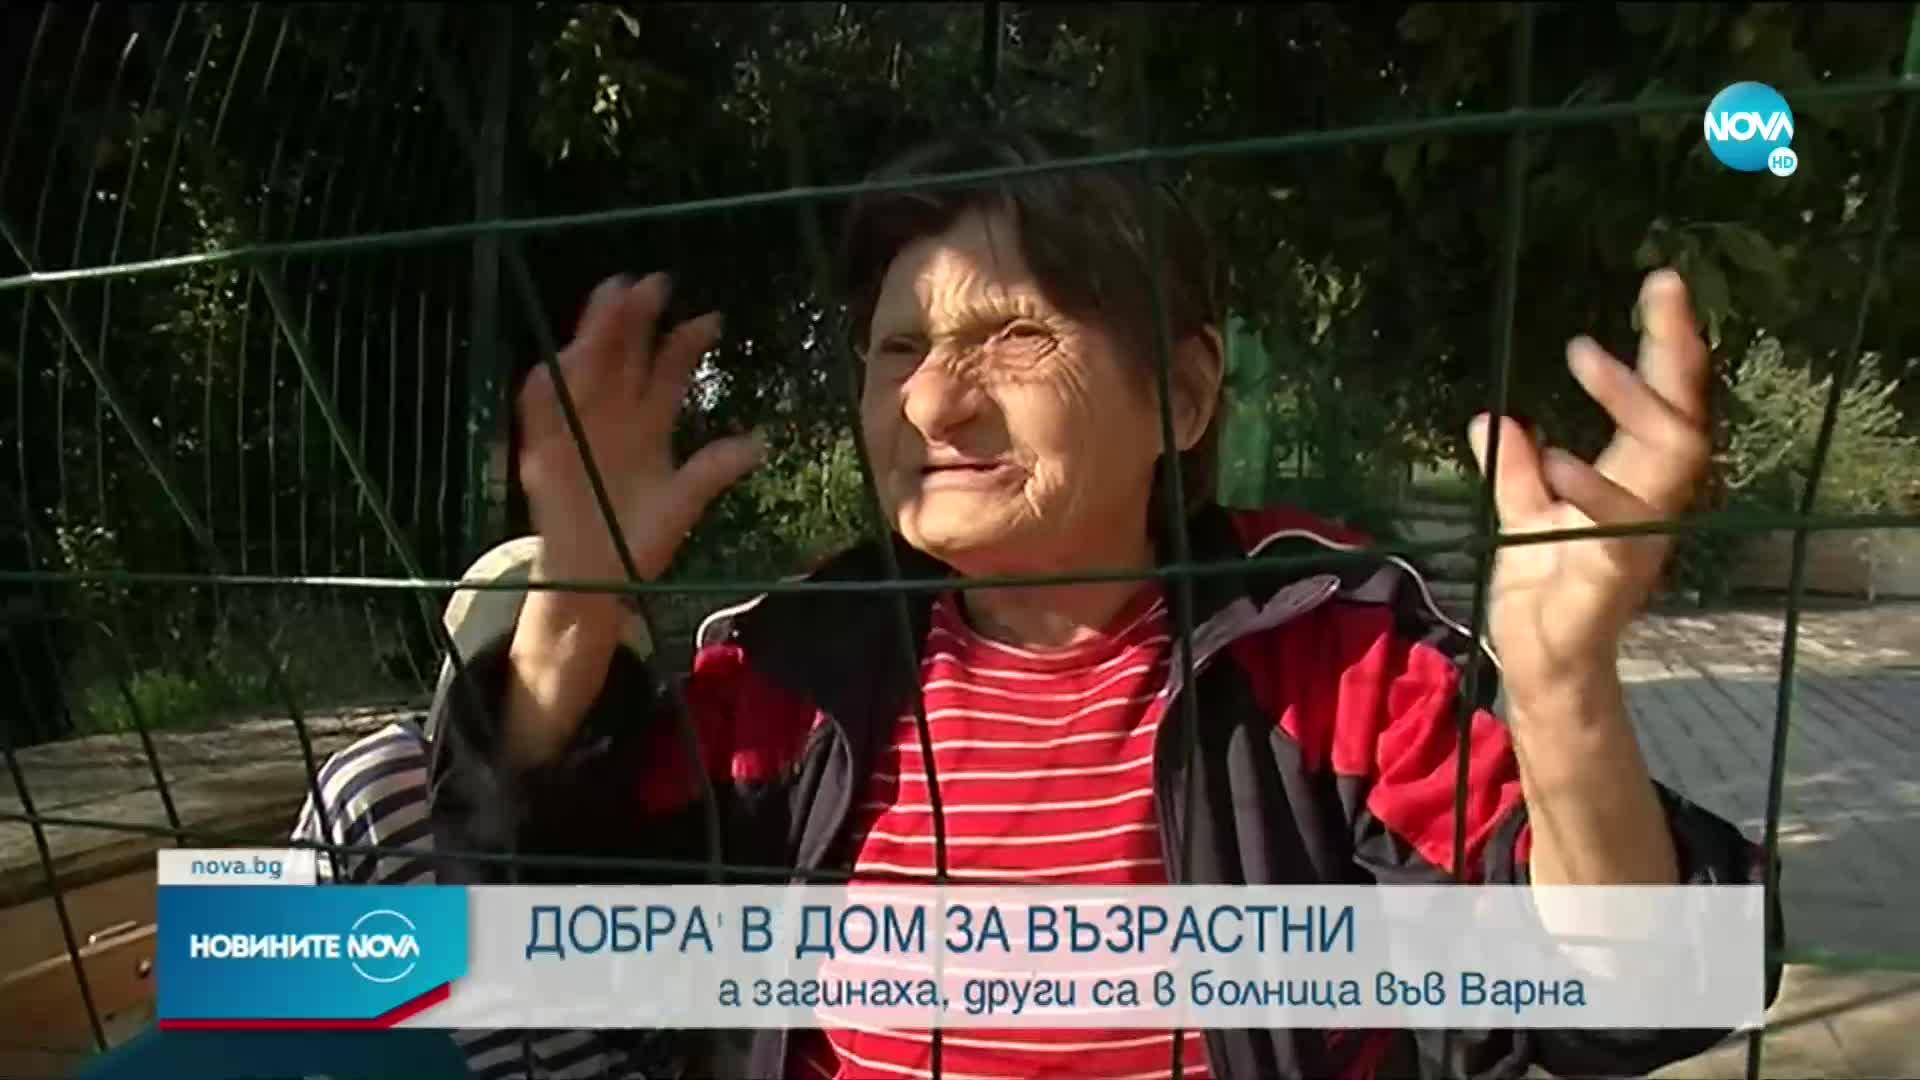 Четири станаха жертвите на пожара в дом за възрастни във Варна